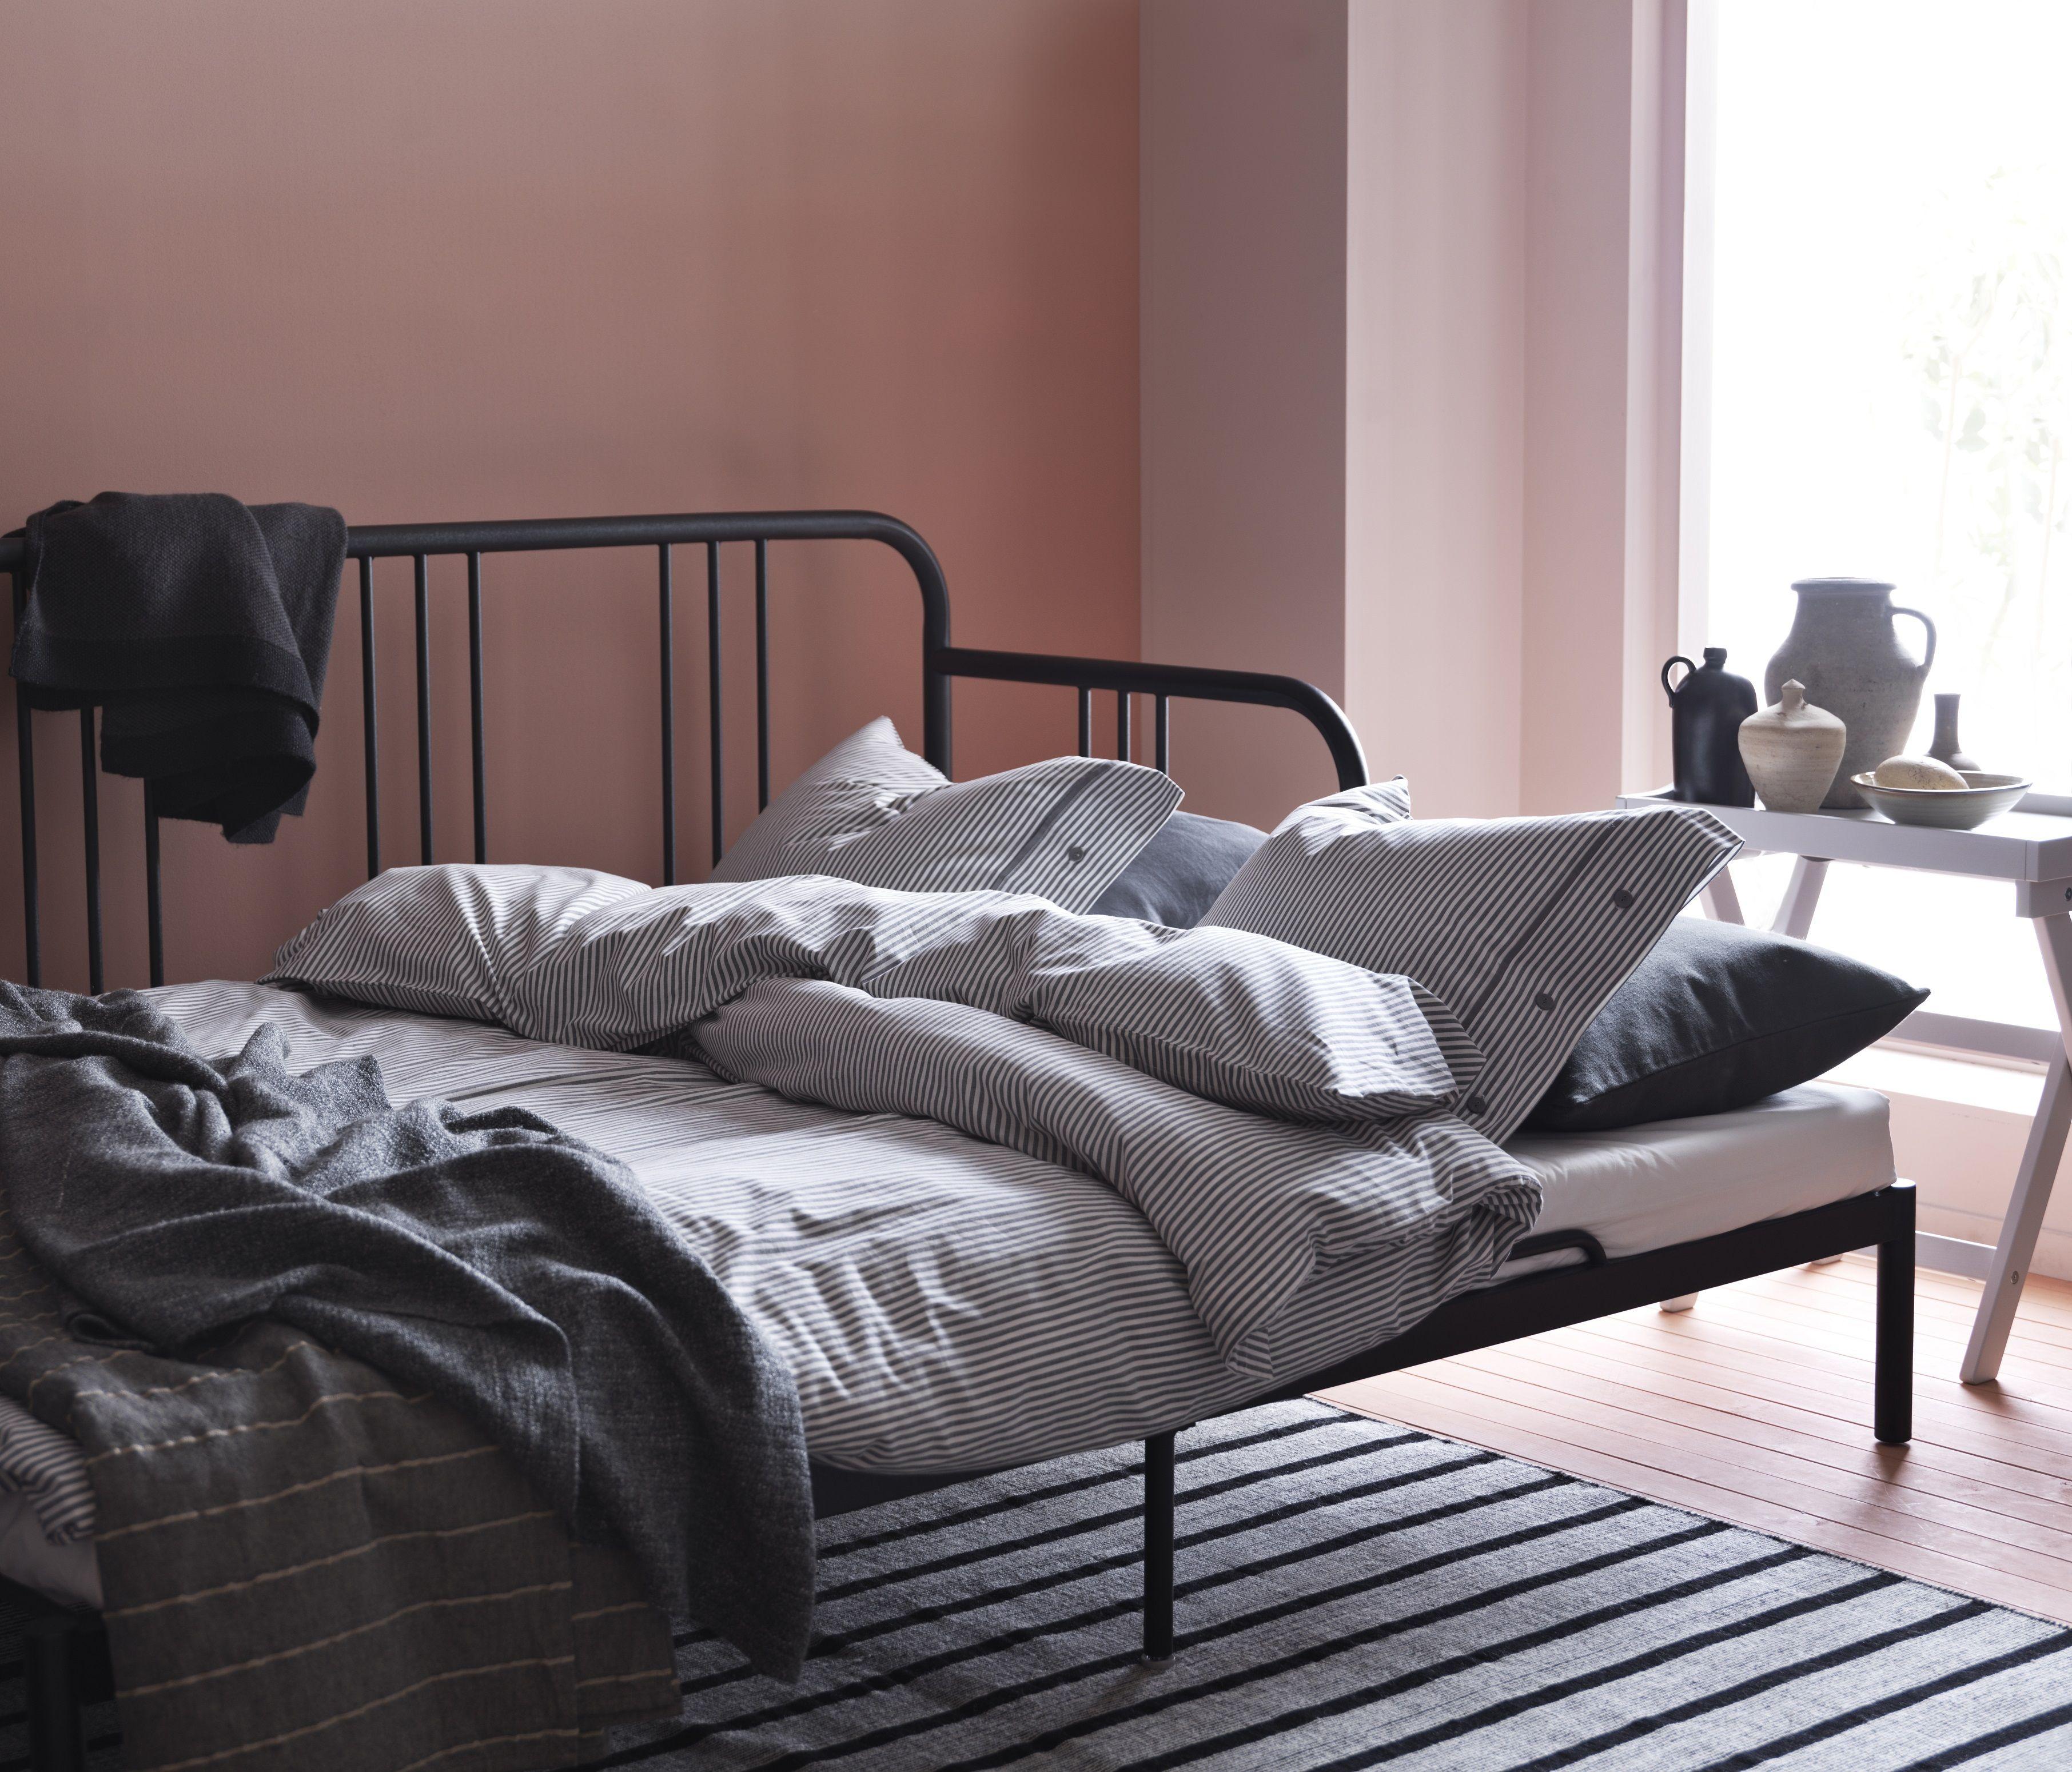 Ikea Metalen Slaapbank.Nederland Bedbank Bed Meubels En Ikea Slaapkamer